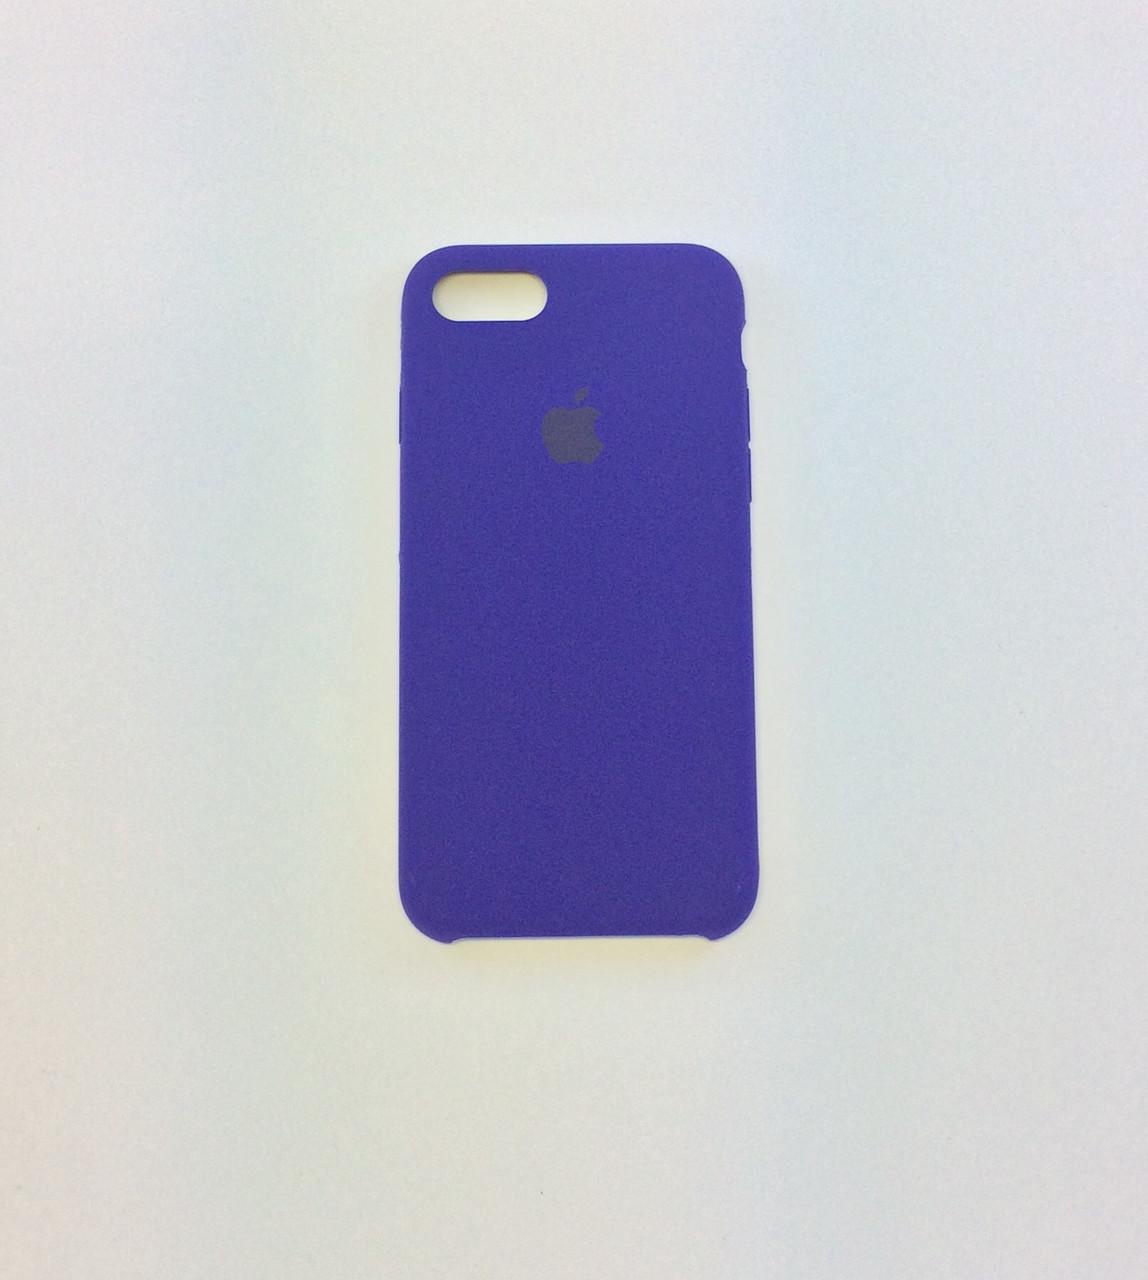 Силиконовый чехол для iPhone 8, - «ультрафиолет» - copy original